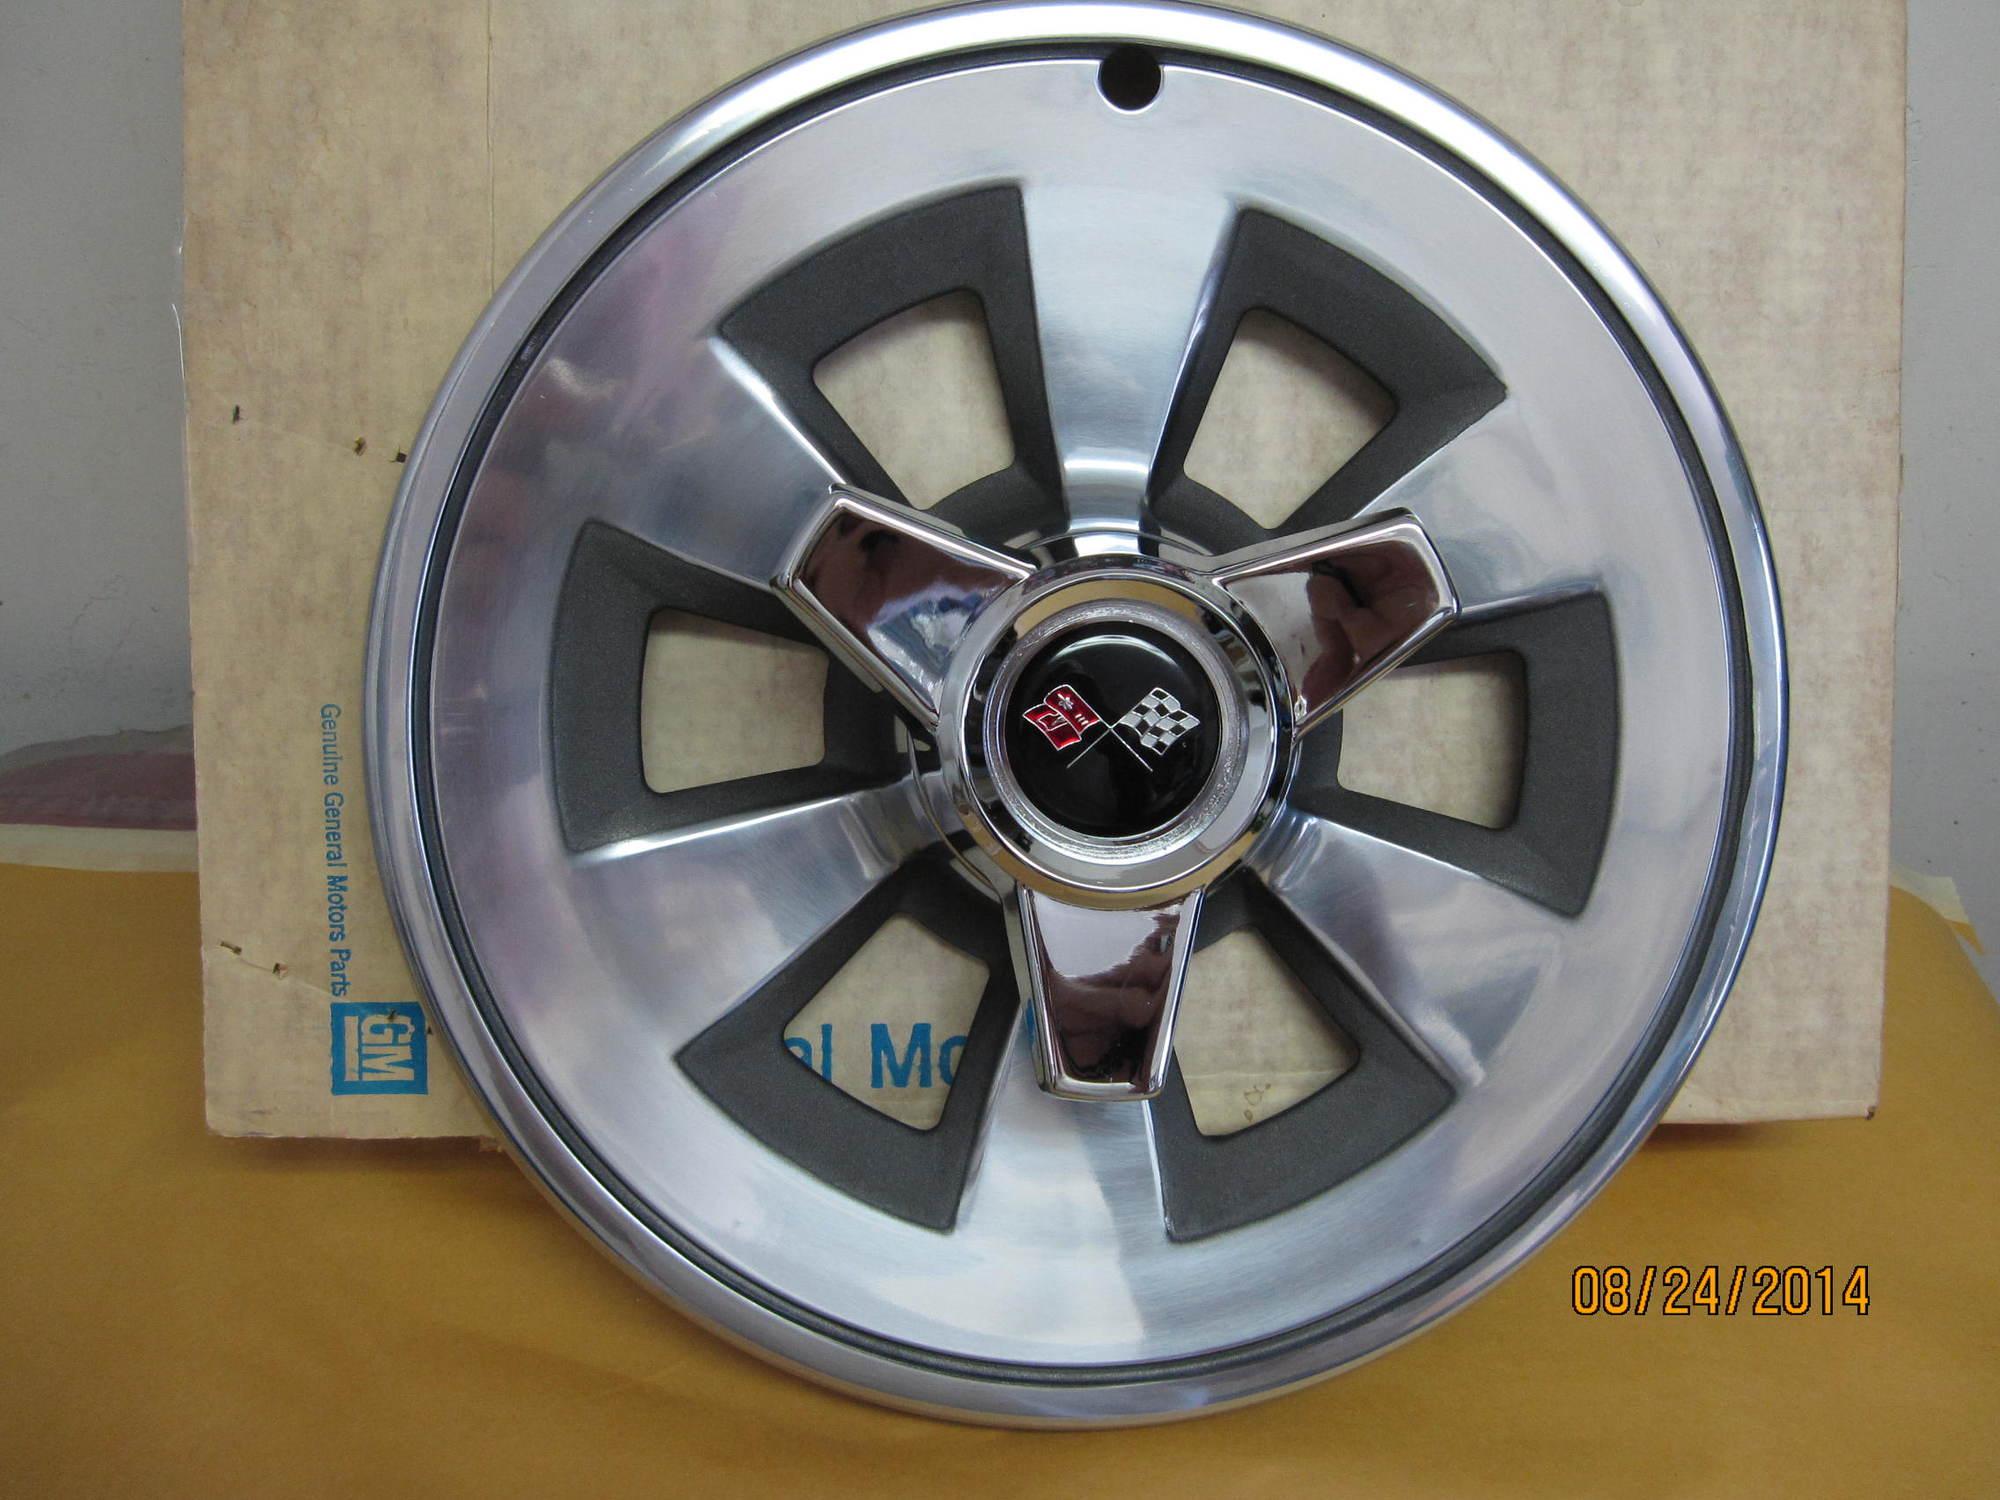 1965 Hubcaps - Original or Repro? - CorvetteForum - Chevrolet